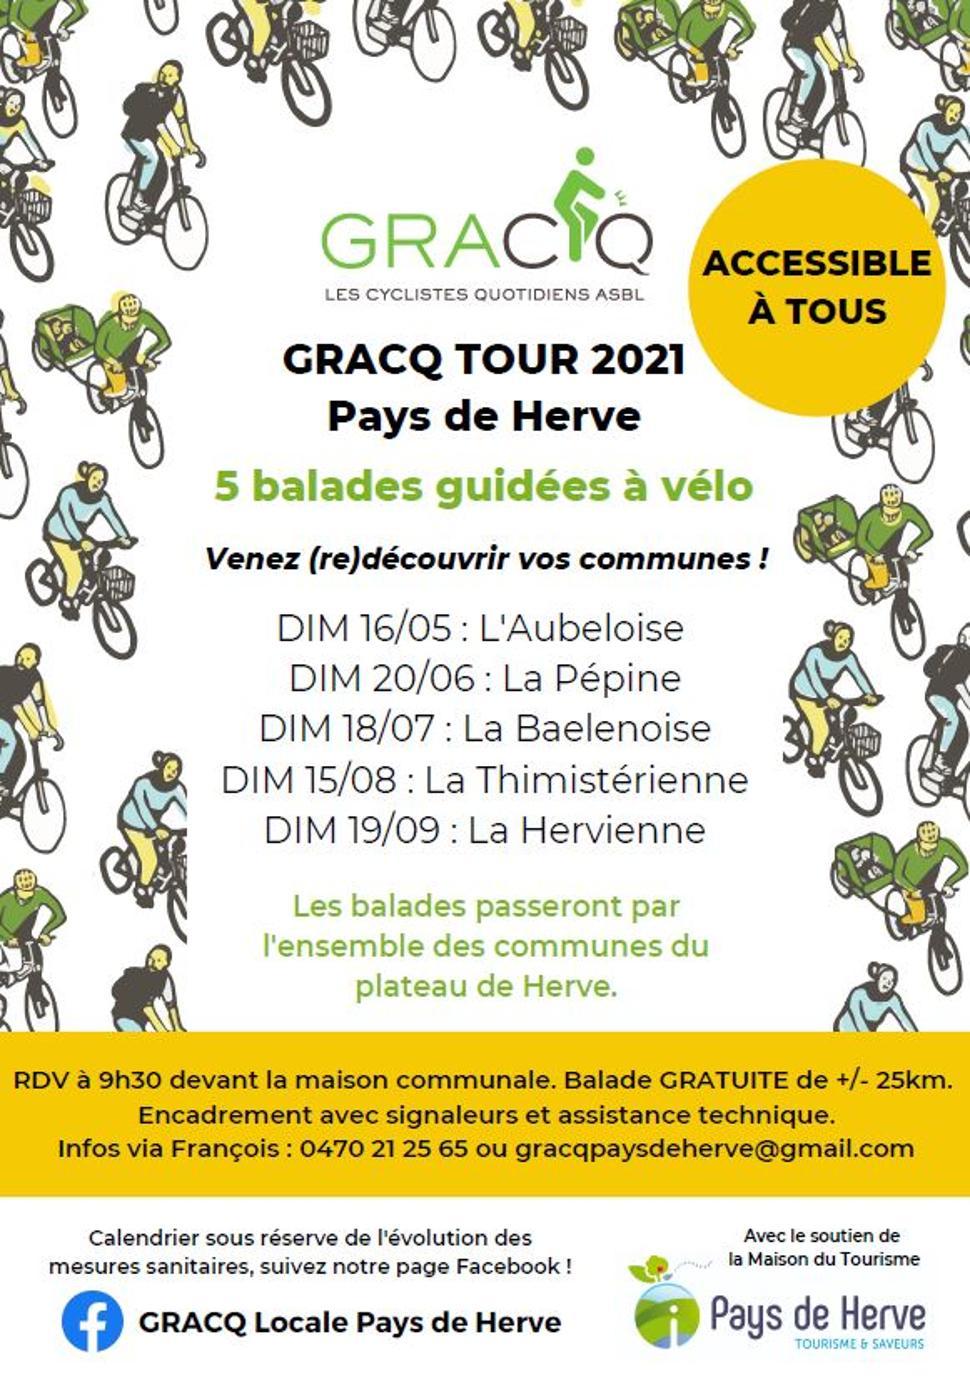 GRACQ TOUR 2021 ©GRACQ Pays de Herve 2021